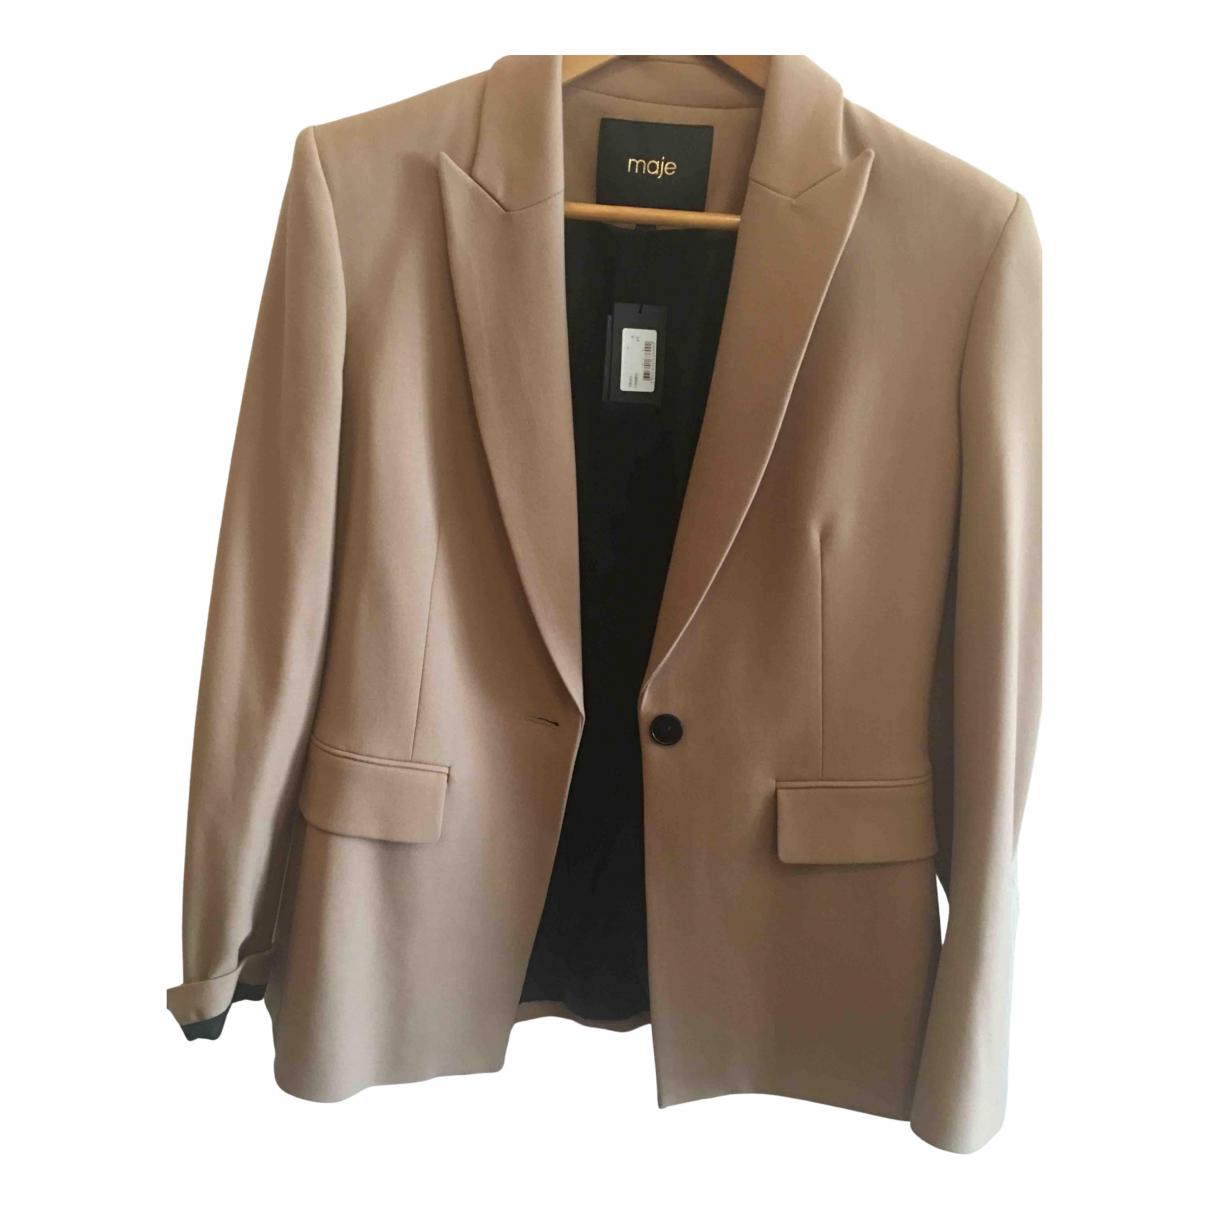 Maje Spring Summer 2019 Camel jacket for Women 40 FR